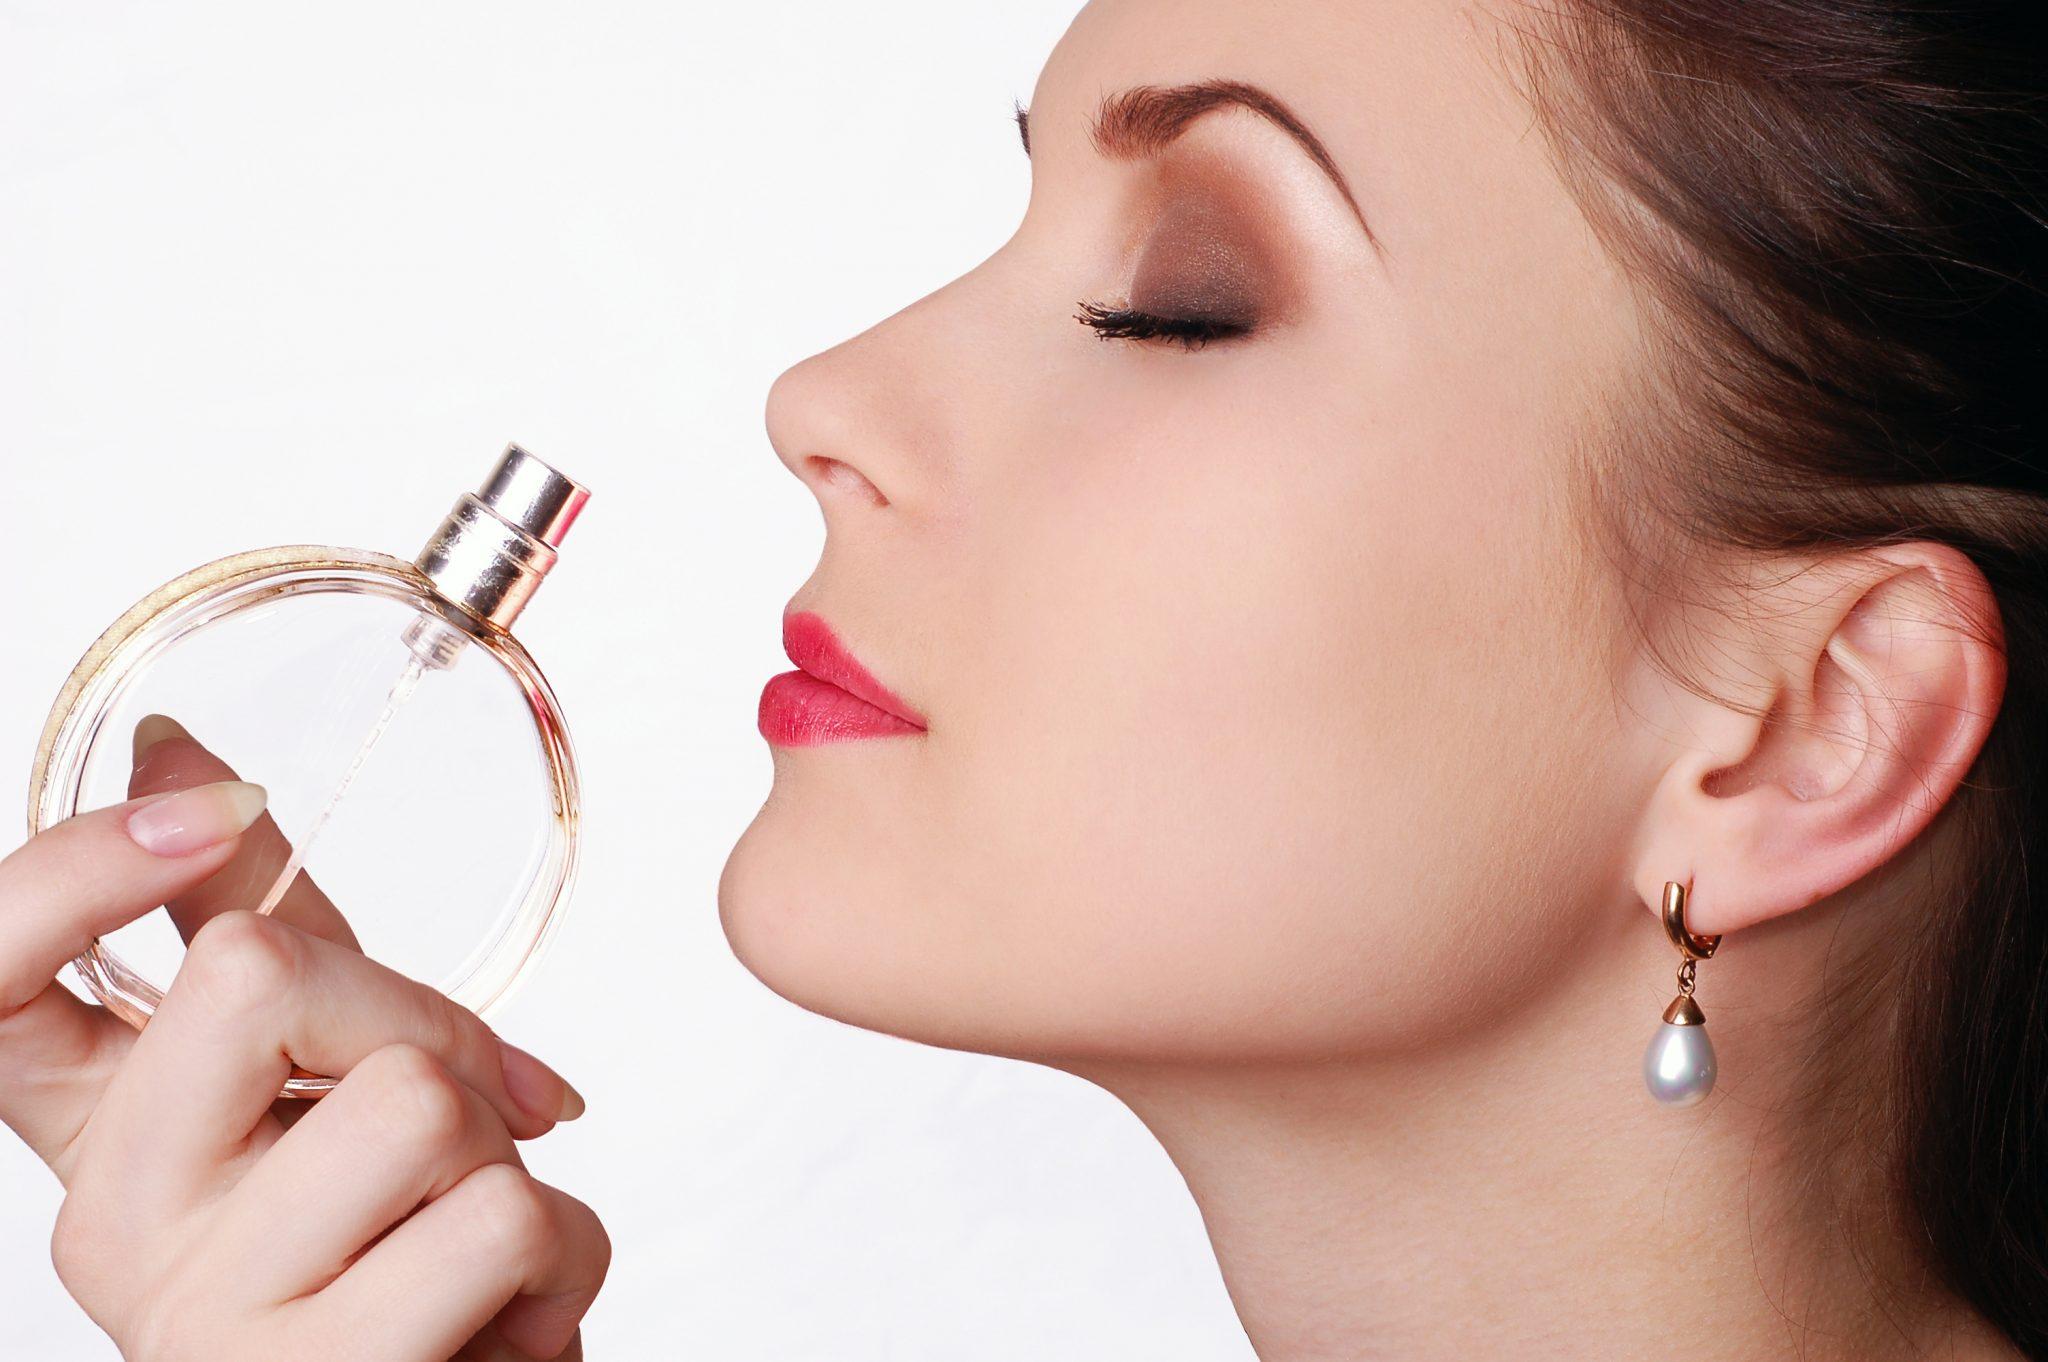 Comment les marques s'insèrent dans le marché de la parfumerie en Chine ?